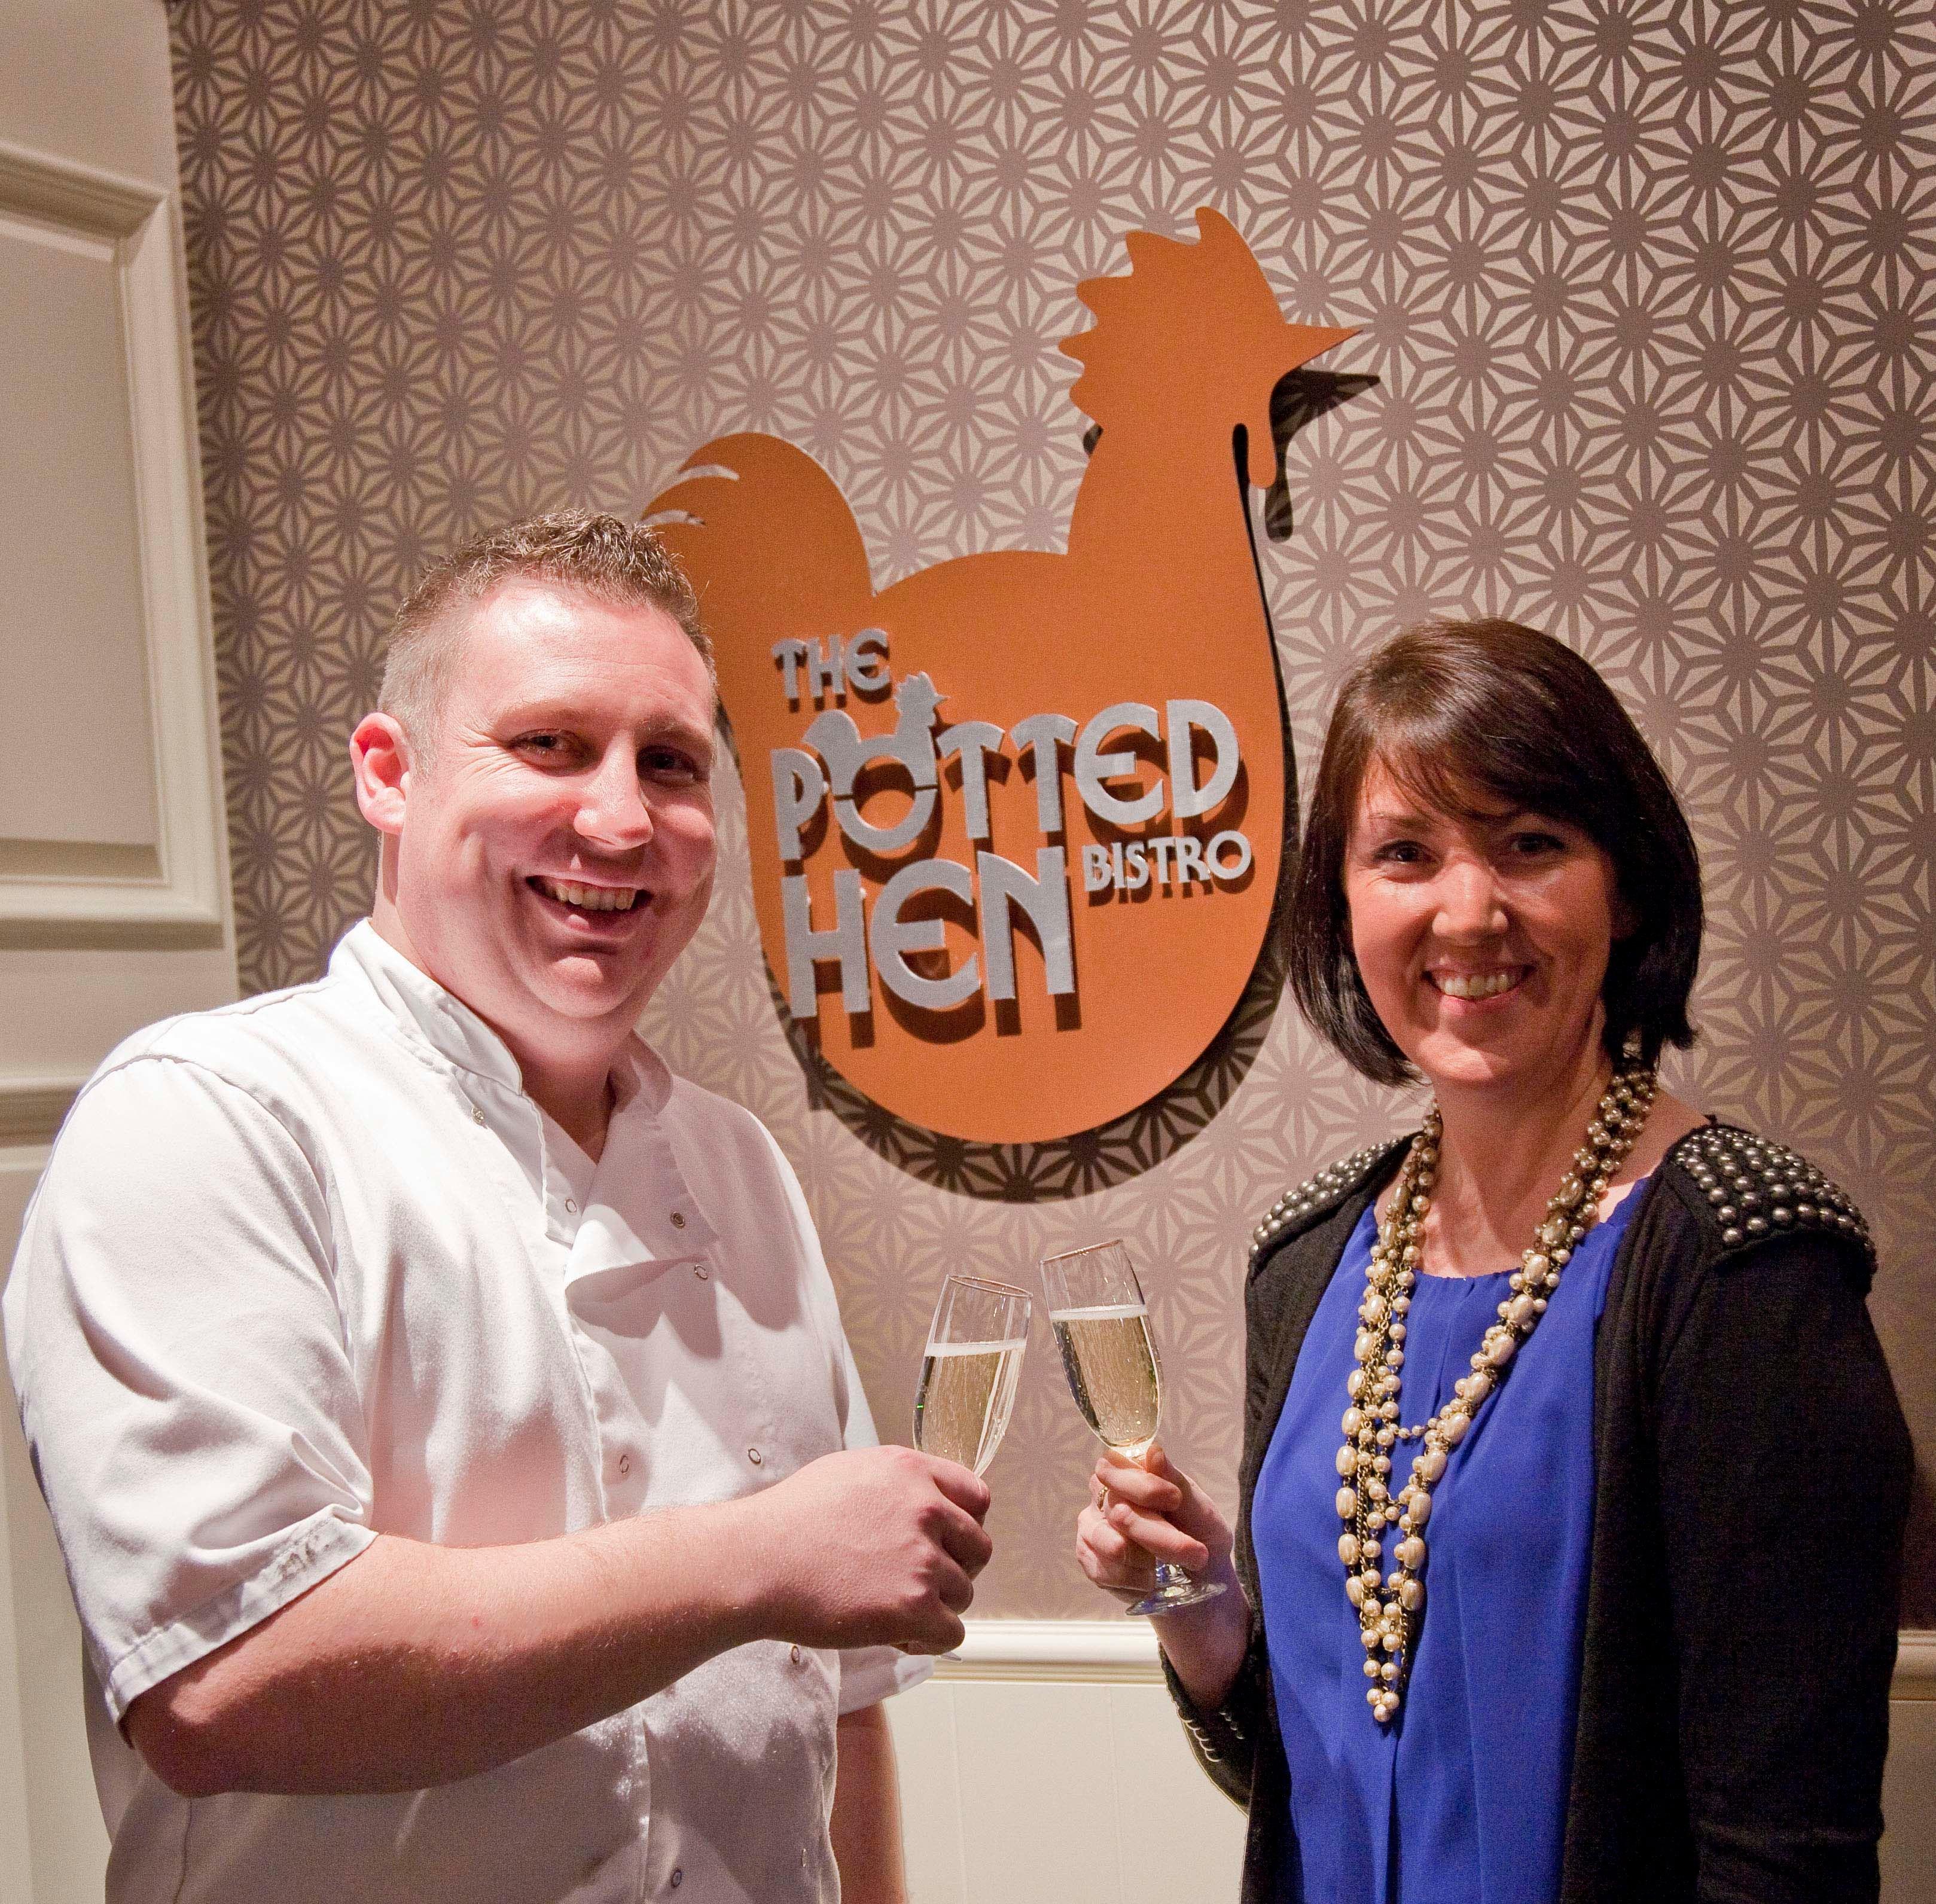 Potted Hen wins Best Restaurant in Northern Ireland Award